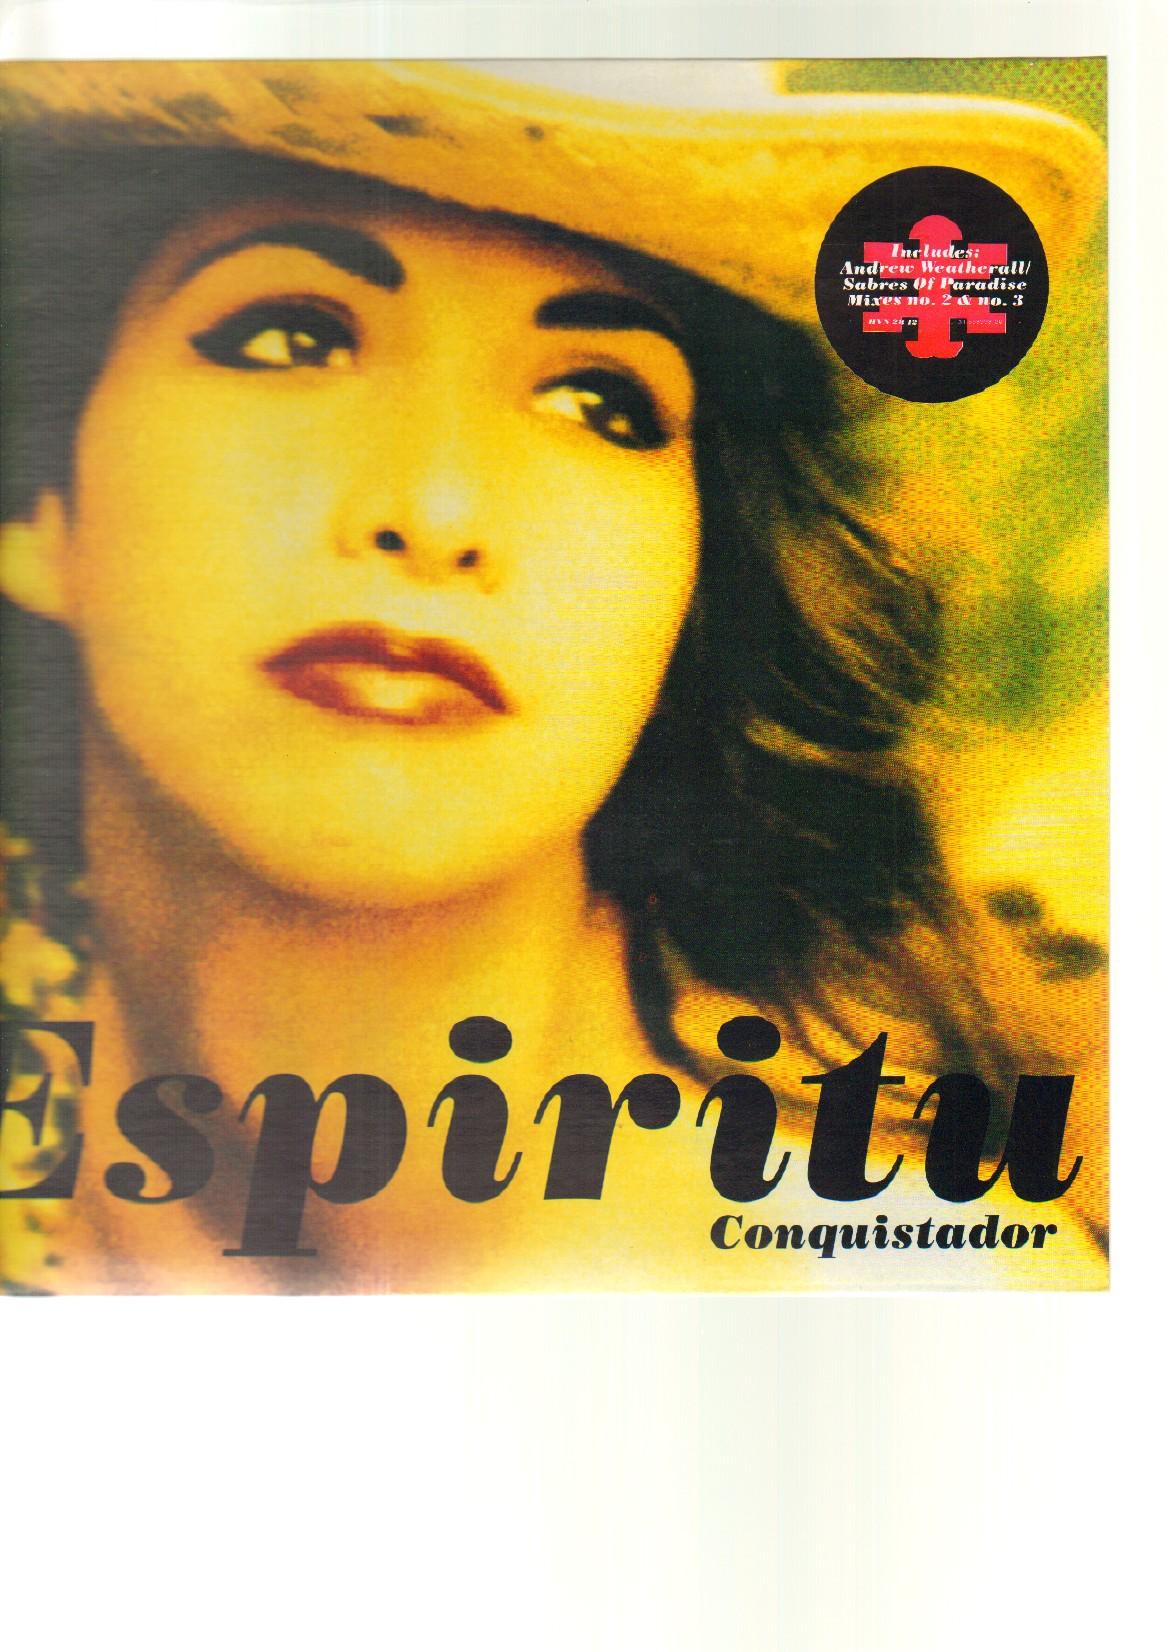 ESPIRITU - CONQUISTADOR - Maxi 45T